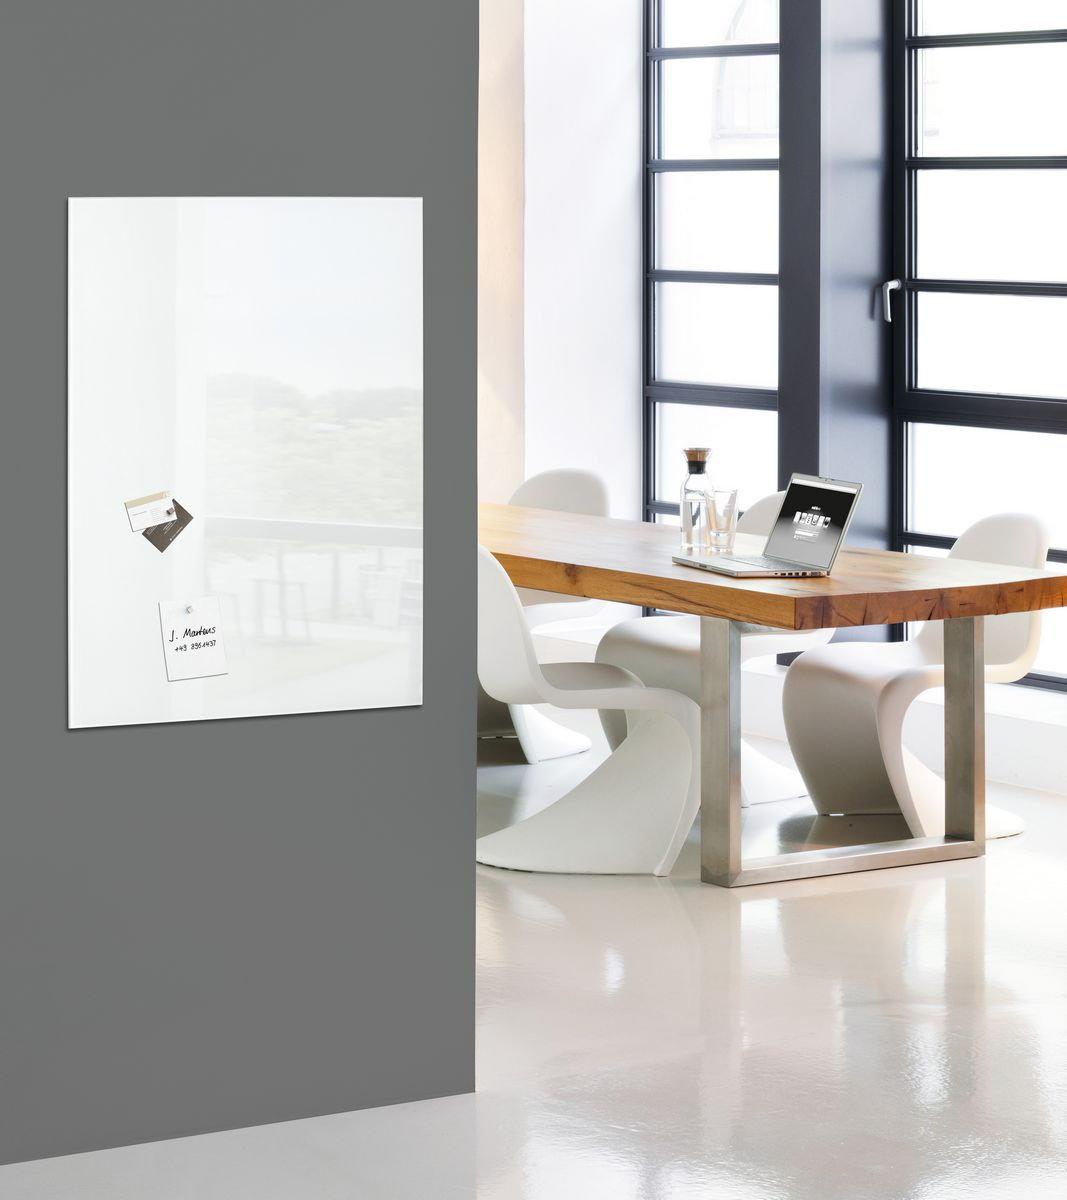 sigel glas magnetboard artverum 100x65 magnettafel magnet board tafel wandboard business. Black Bedroom Furniture Sets. Home Design Ideas